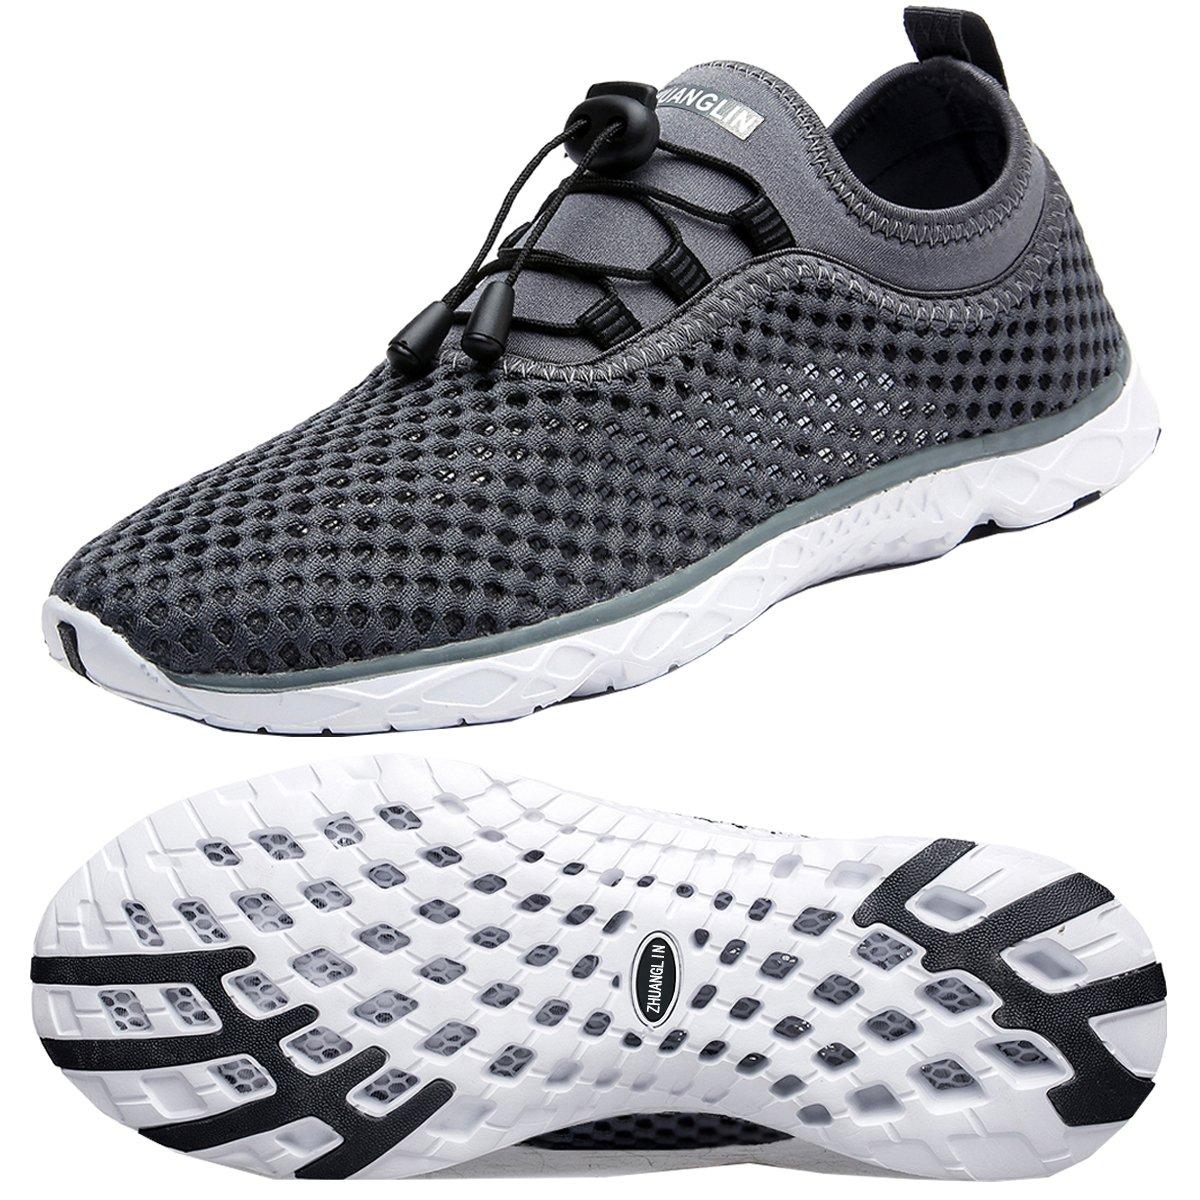 Zhuanglin Women's Quick Drying Aqua Water Shoes B07CSMRBS8 10 B(M) US|Darkgrey%